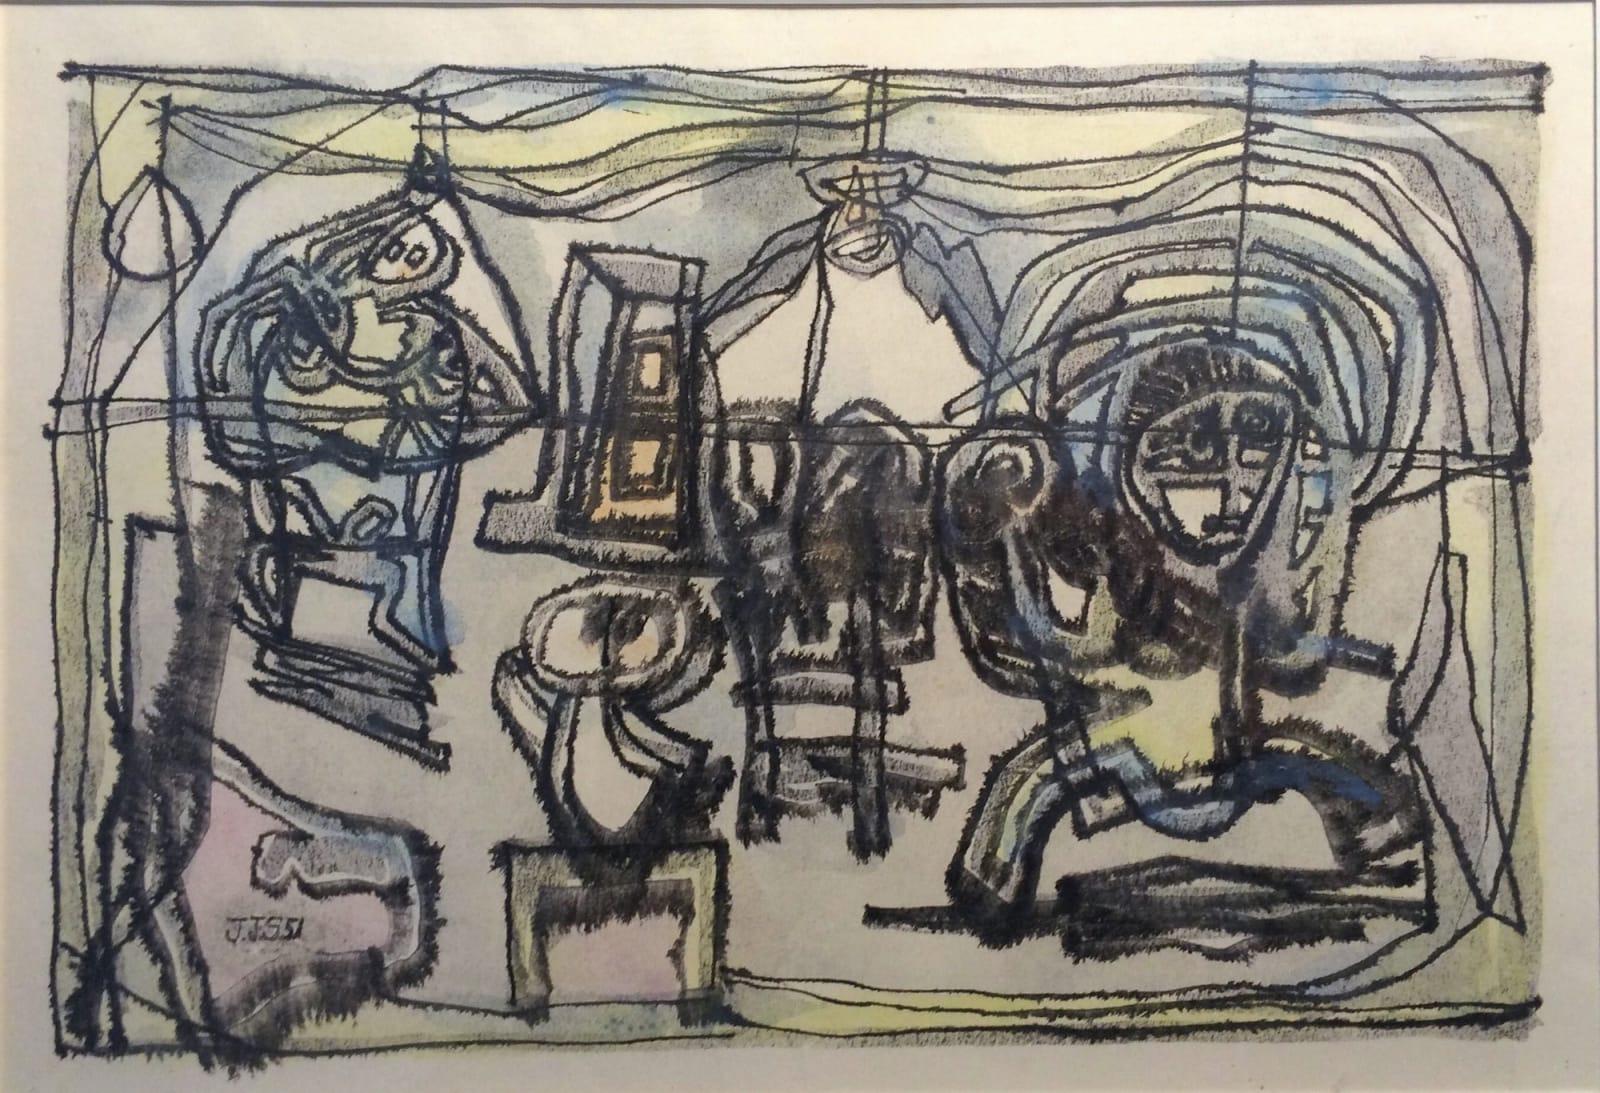 JAN SCHOONHOVEN, De Familie, 1951